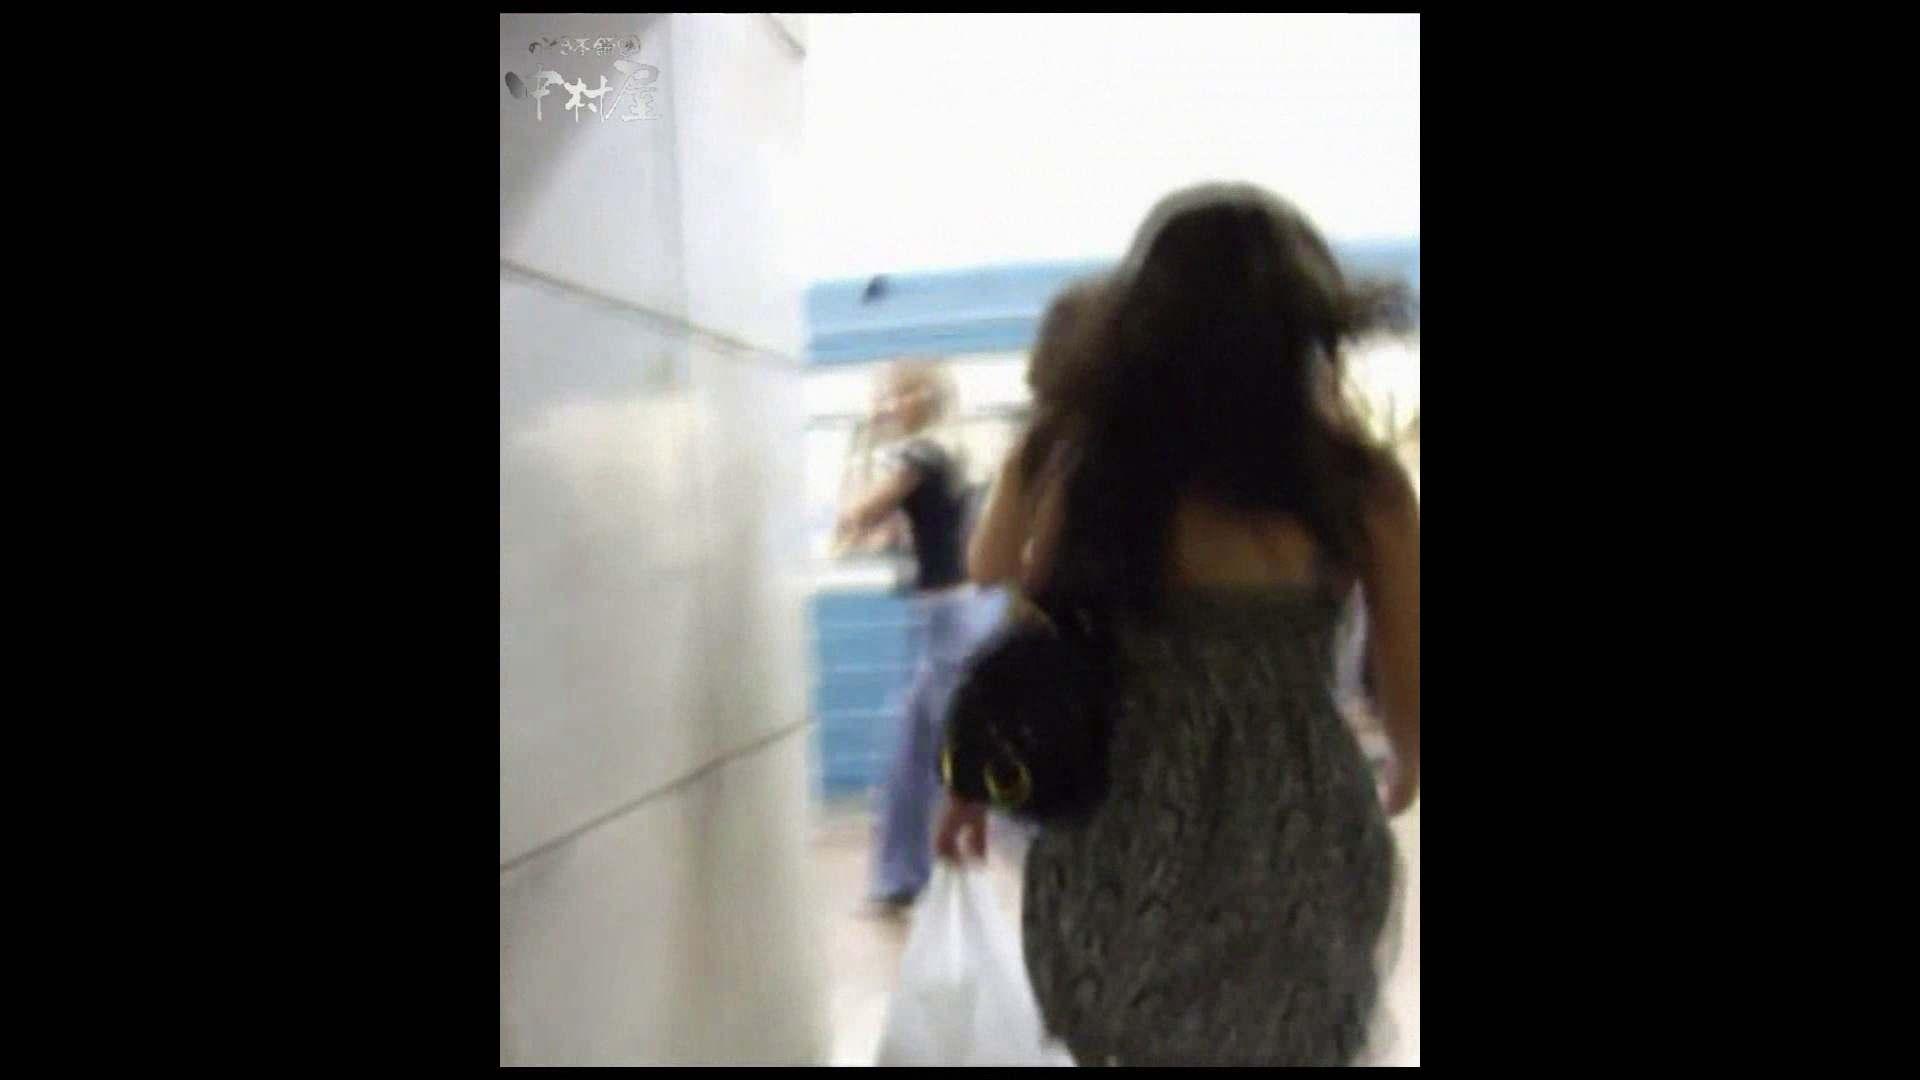 綺麗なモデルさんのスカート捲っちゃおう‼ vol08 お姉さんのエロ動画 | 0  91PIX 9